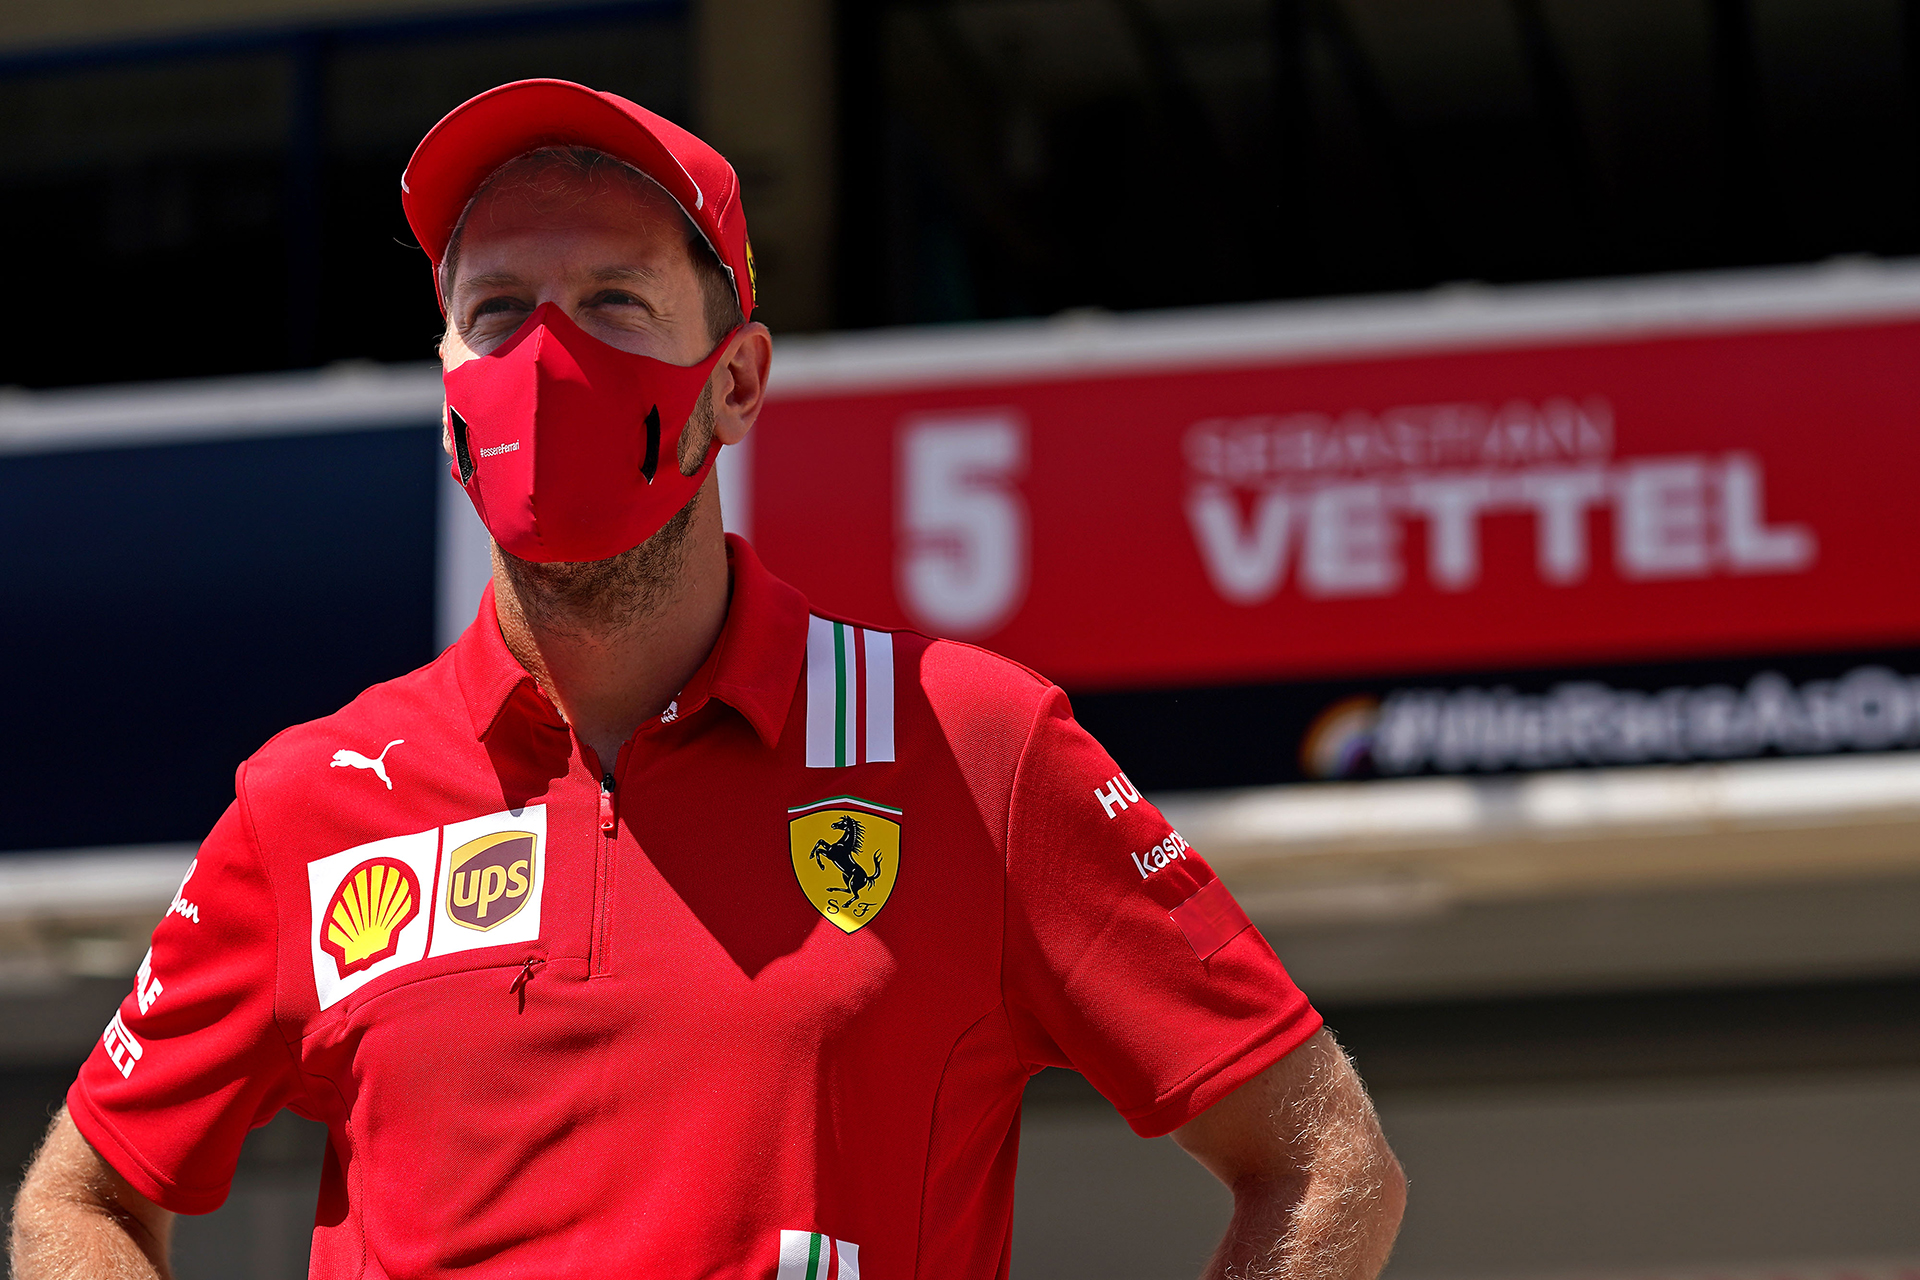 Vettel reconoce que no es feliz en Ferrari